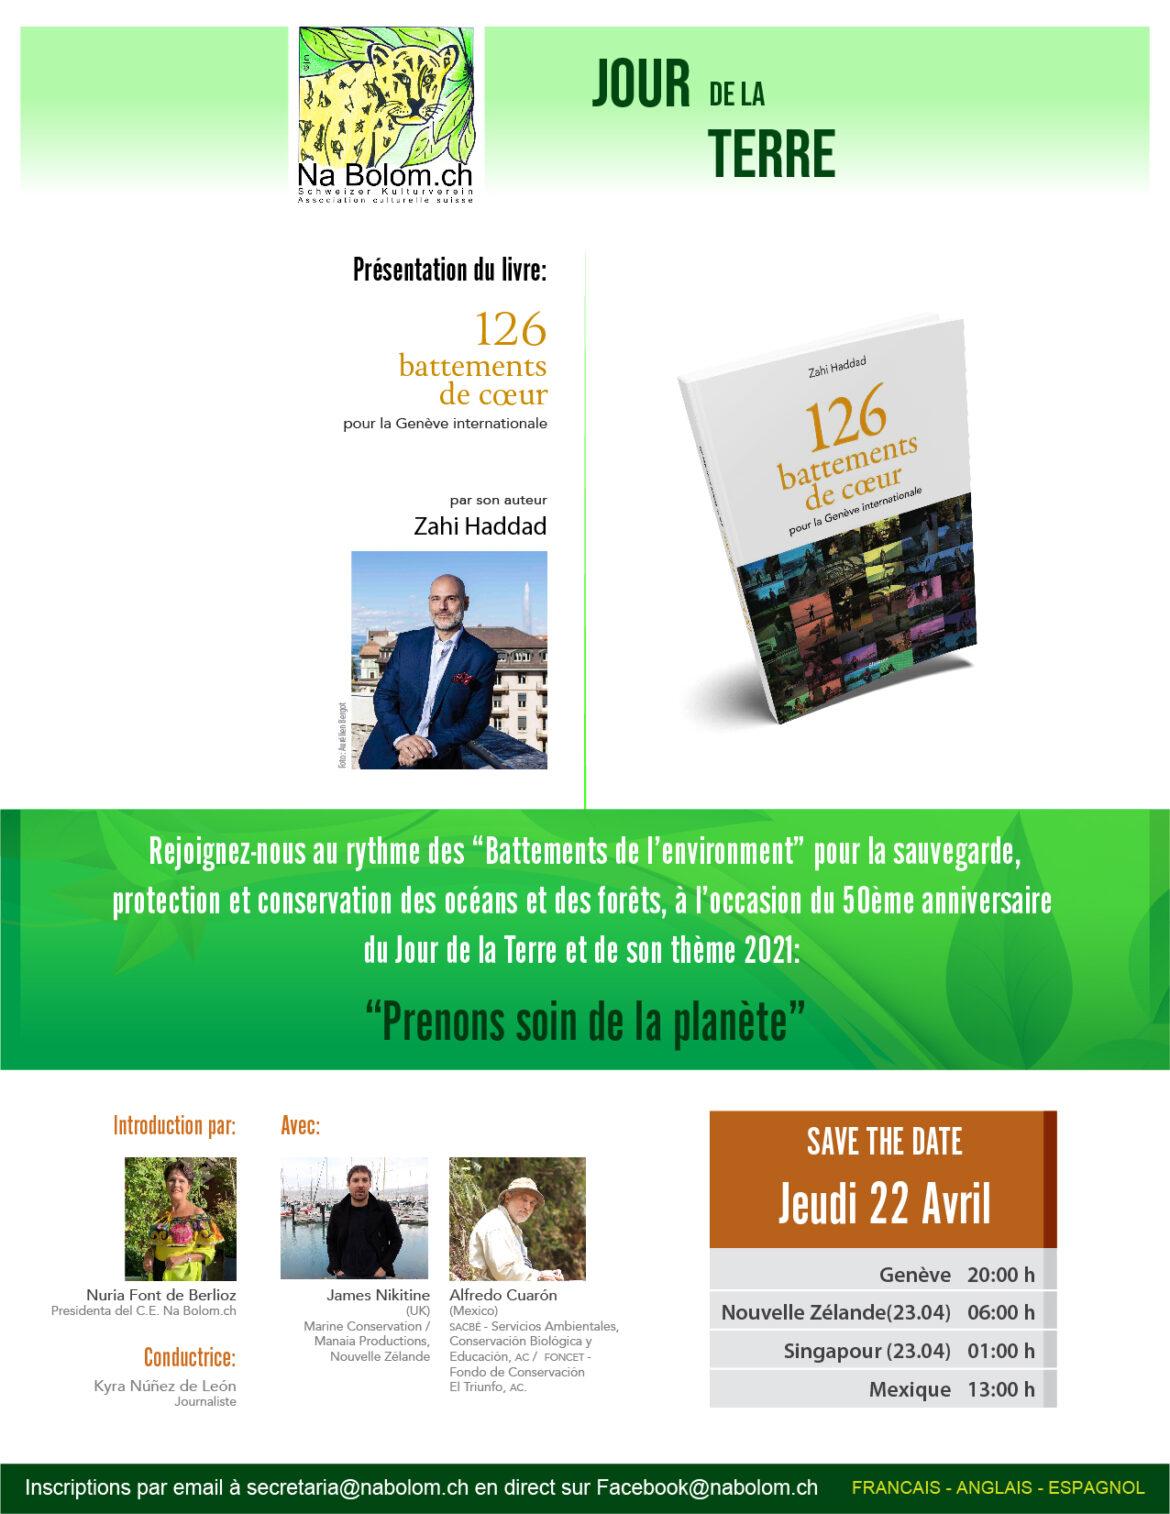 PresentacionLibro-02_FR